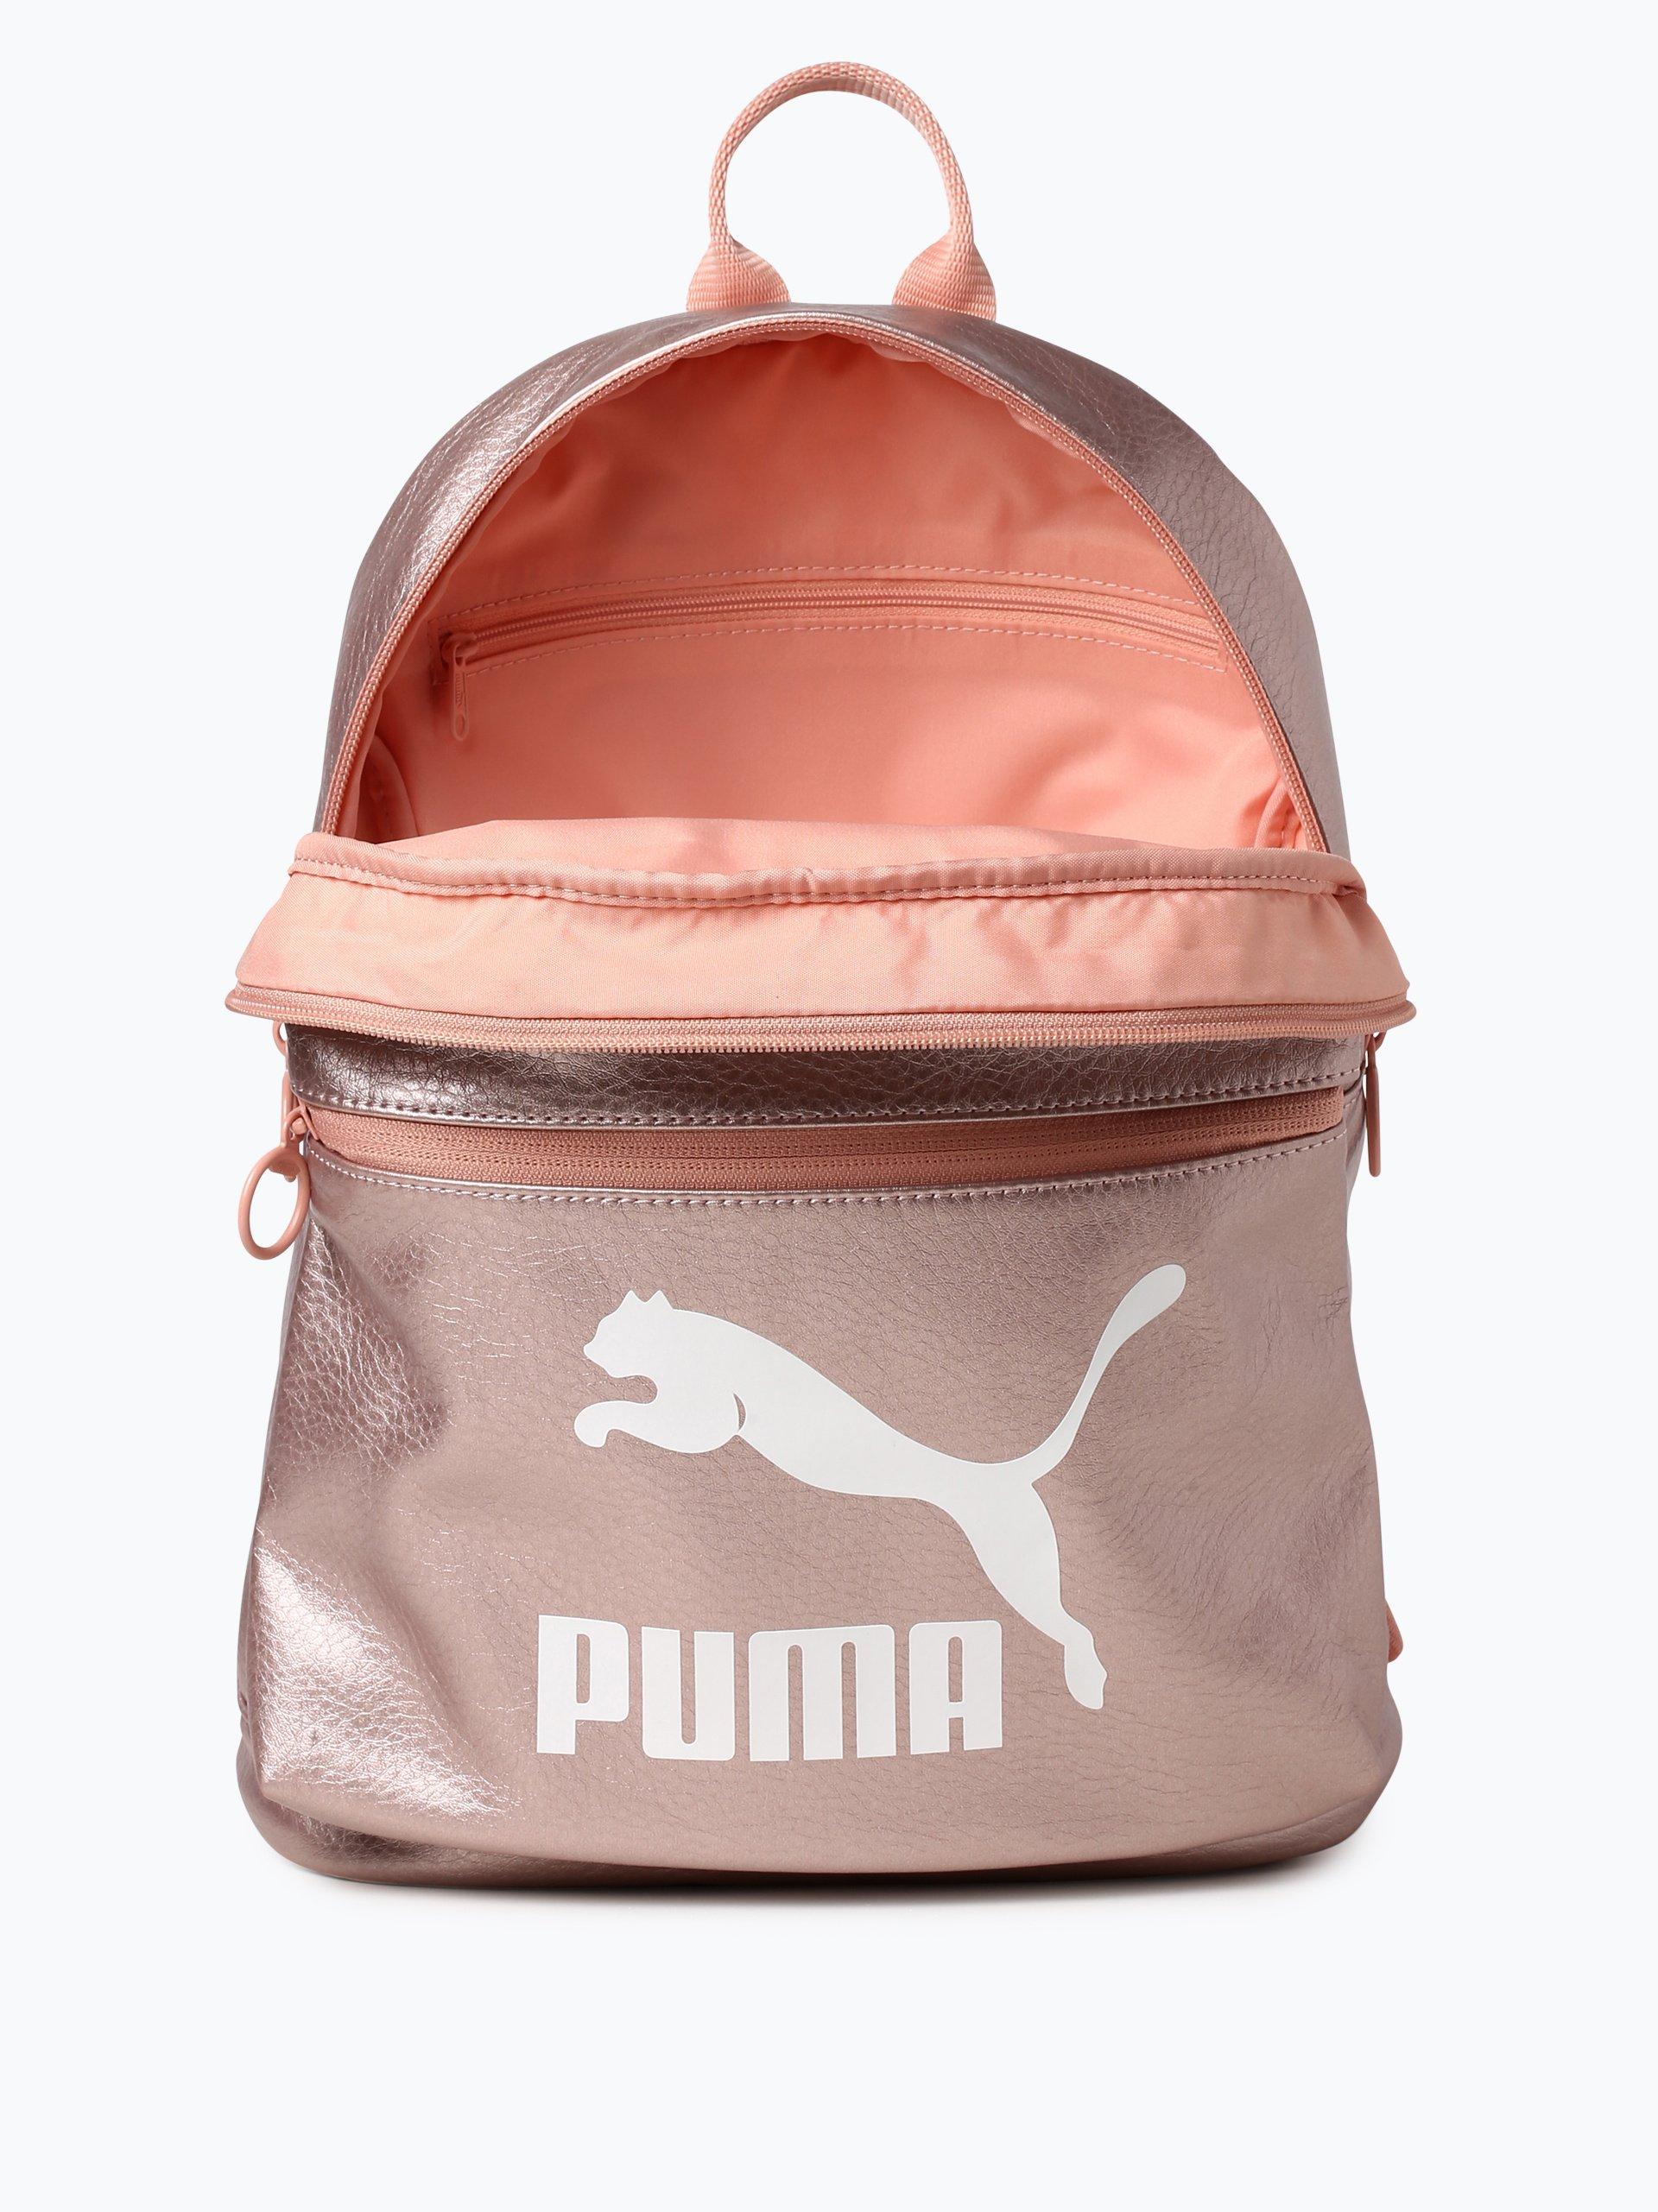 1a60f3affe554 Puma Plecak damski kup online